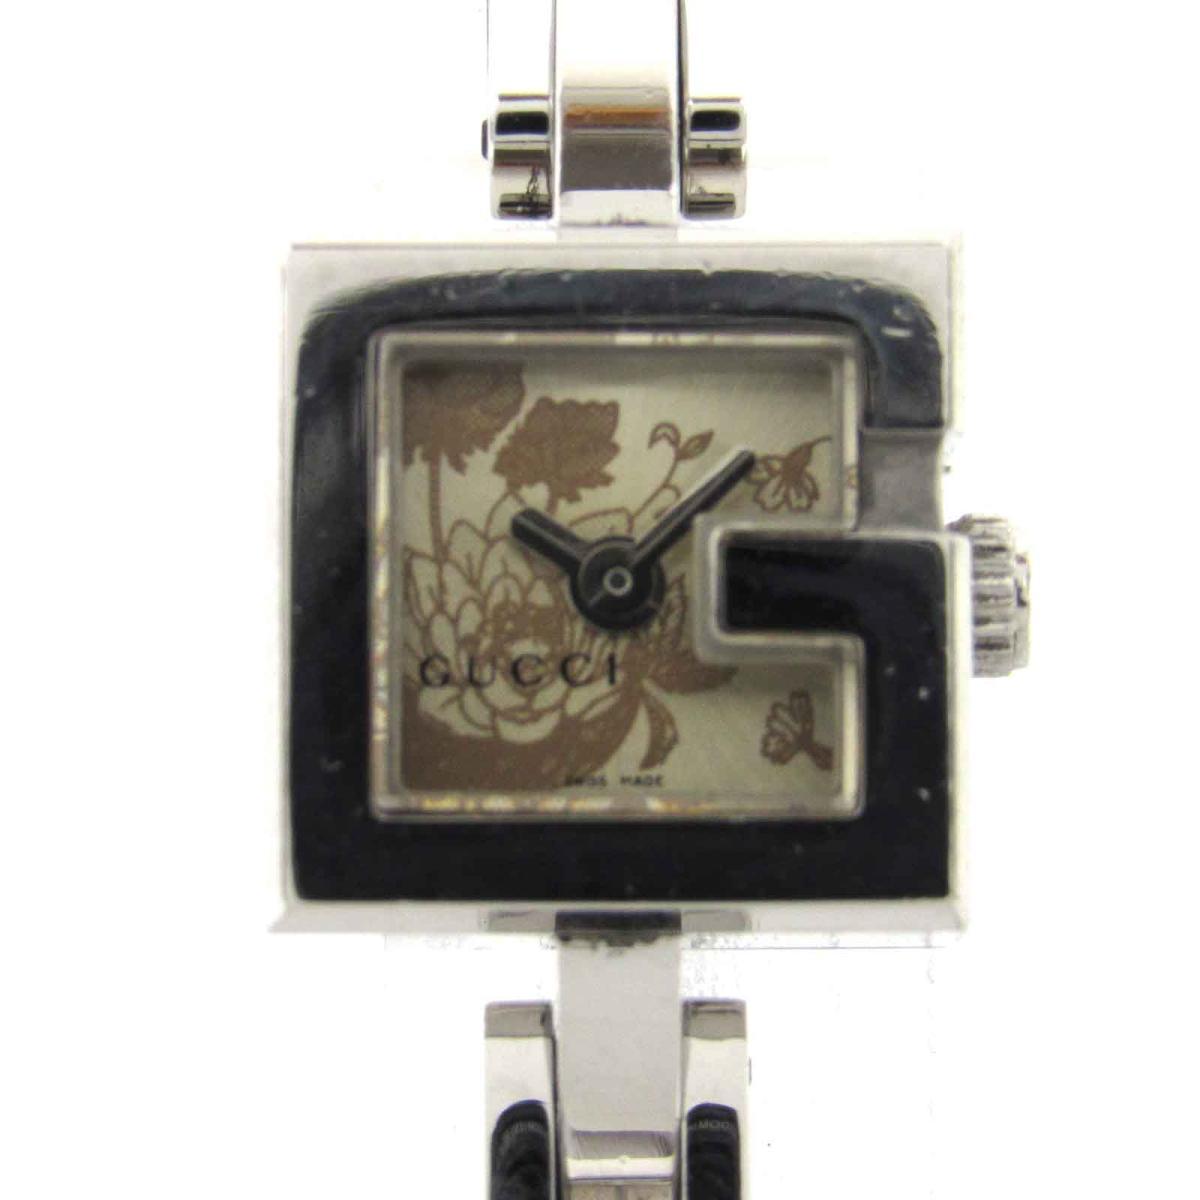 【中古】 グッチ 時計 ウォッチ 腕時計 レディース ステンレススチール (SS) (YA102) | GUCCI クオーツ クォーツ 時計 時計 美品 ブランドオフ BRANDOFF